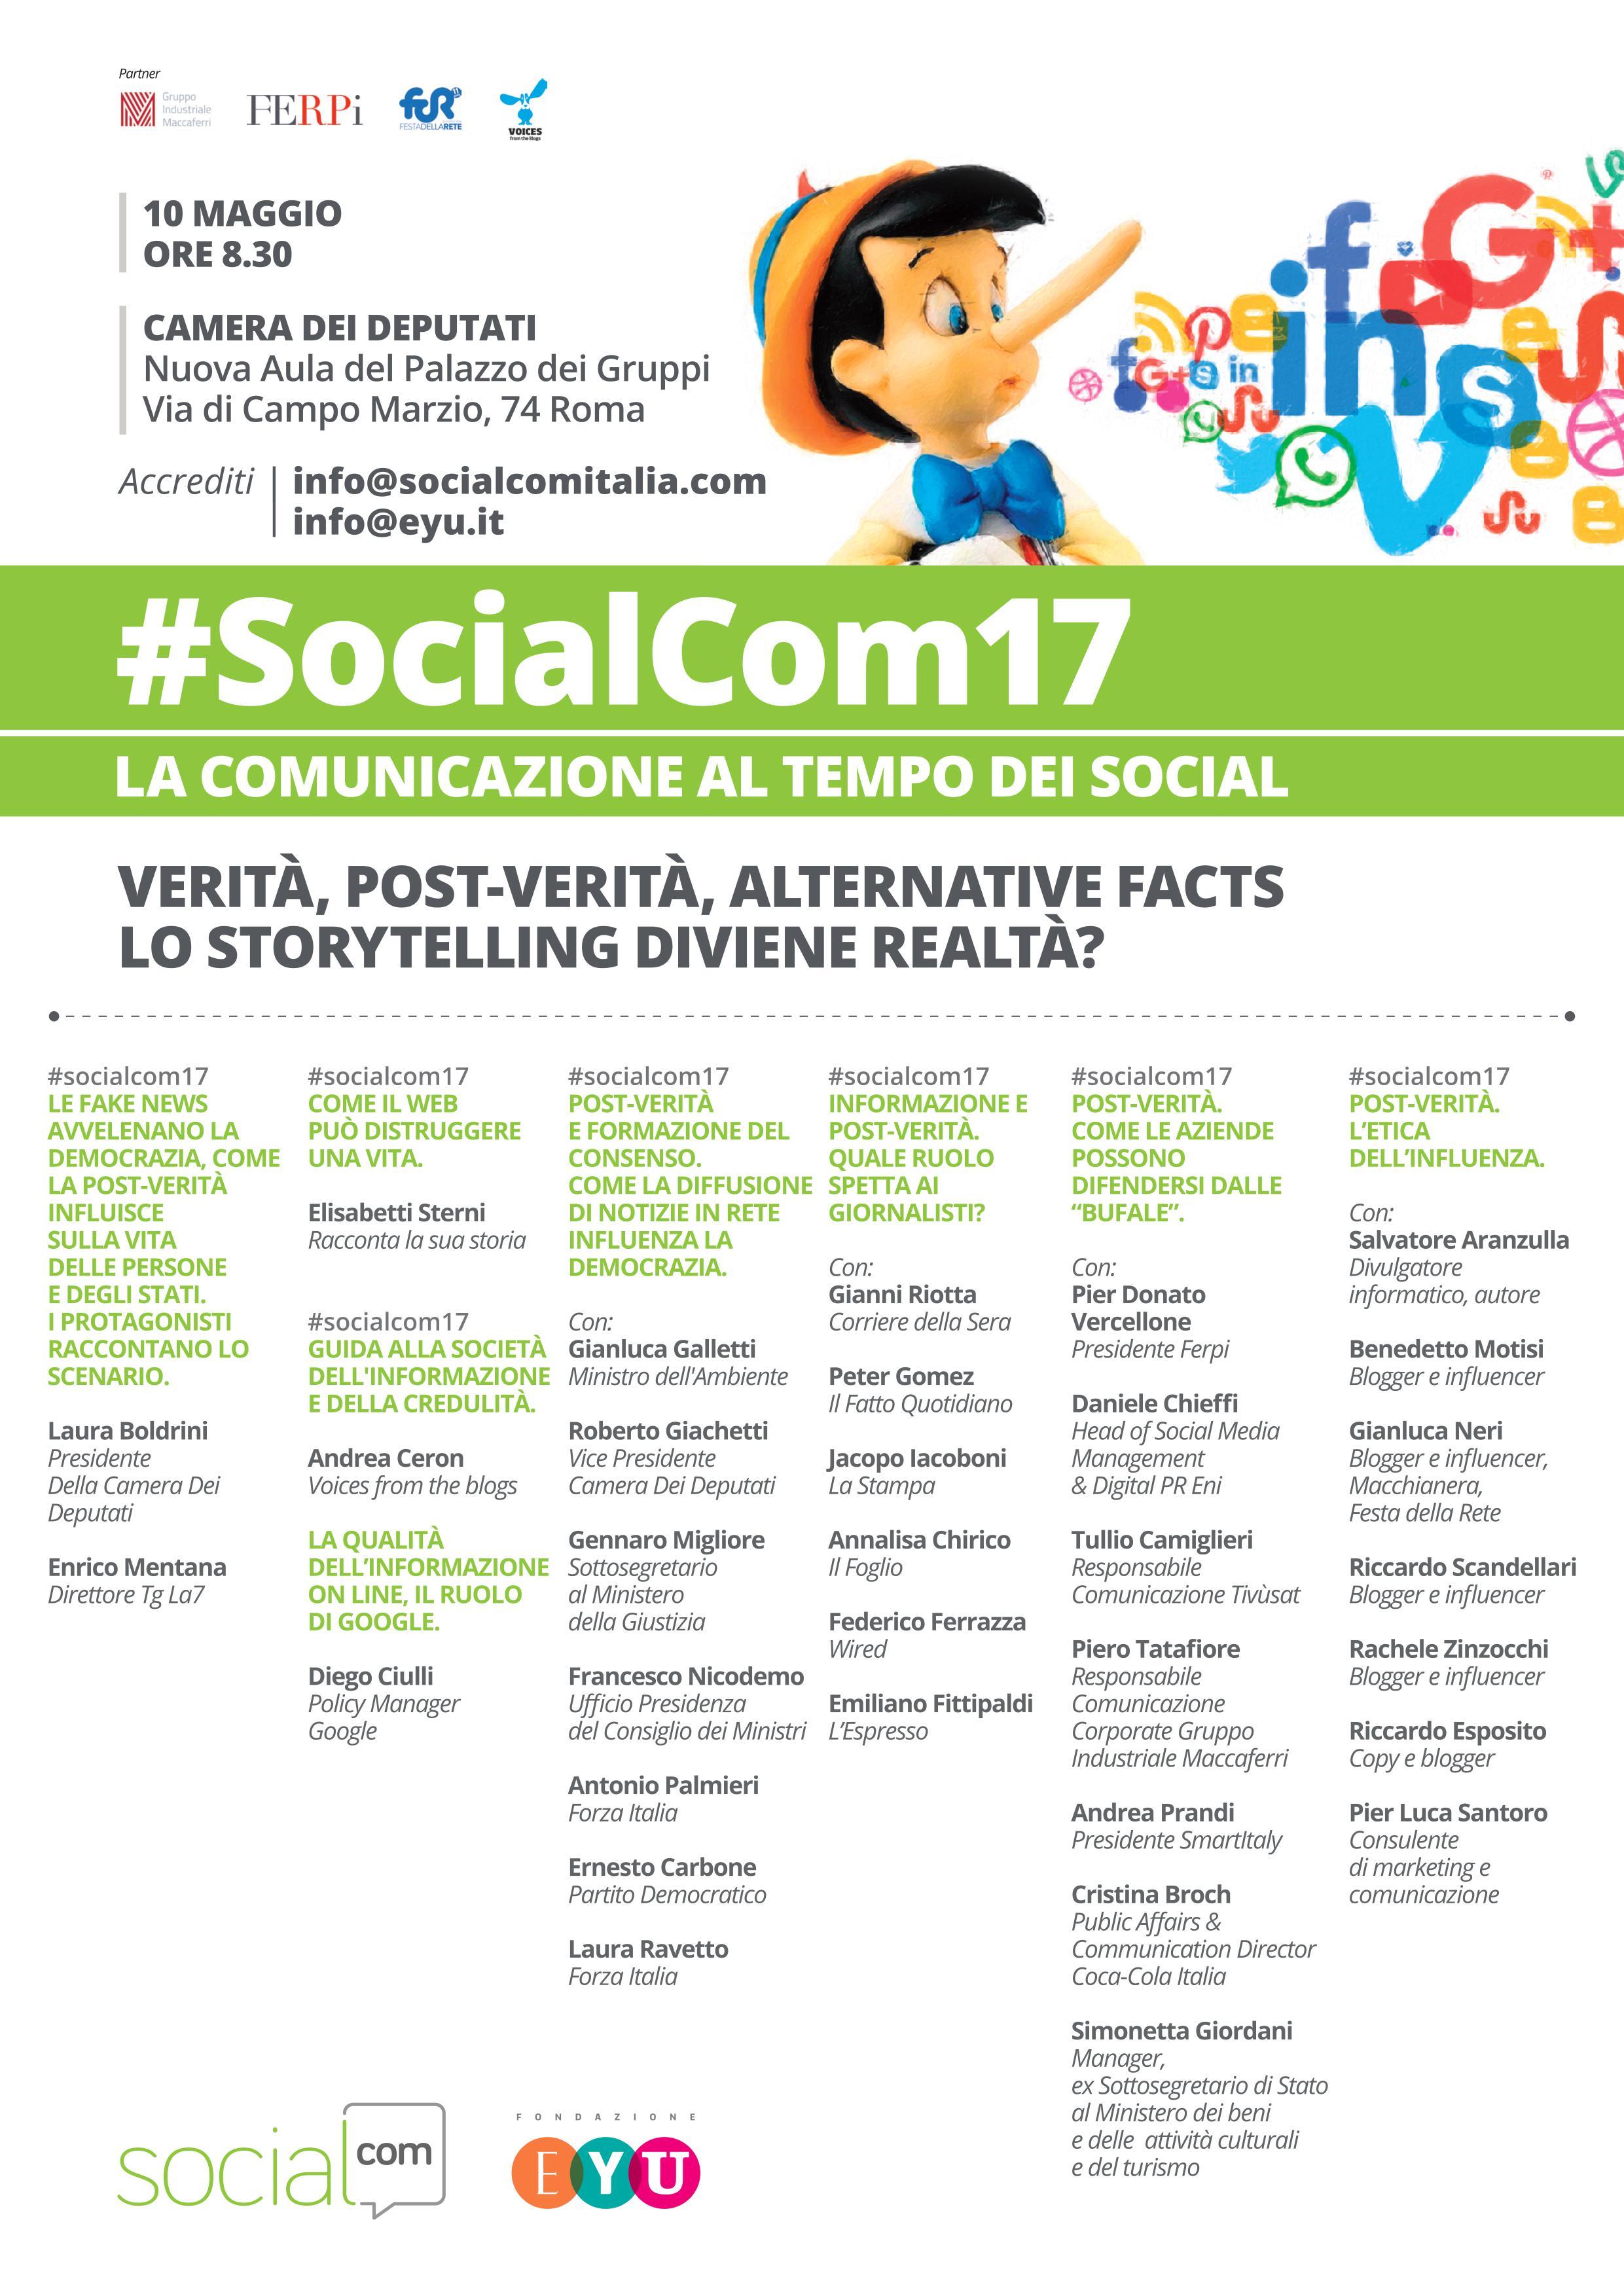 Programma socialcom17